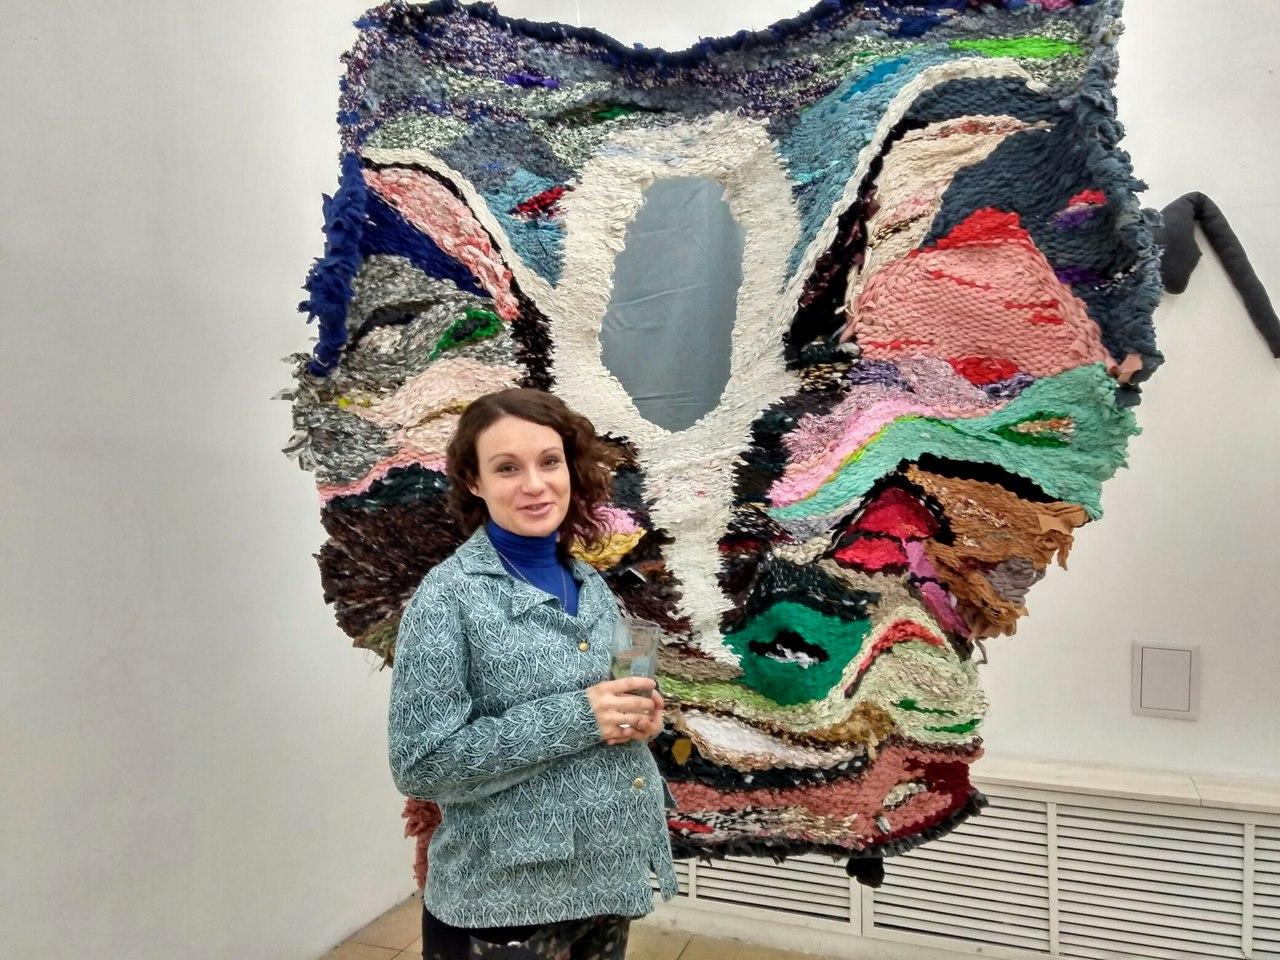 Для этой работы о Воронеже Евгения Ножкина (на фото) израсходовала около 7 мешков ткани